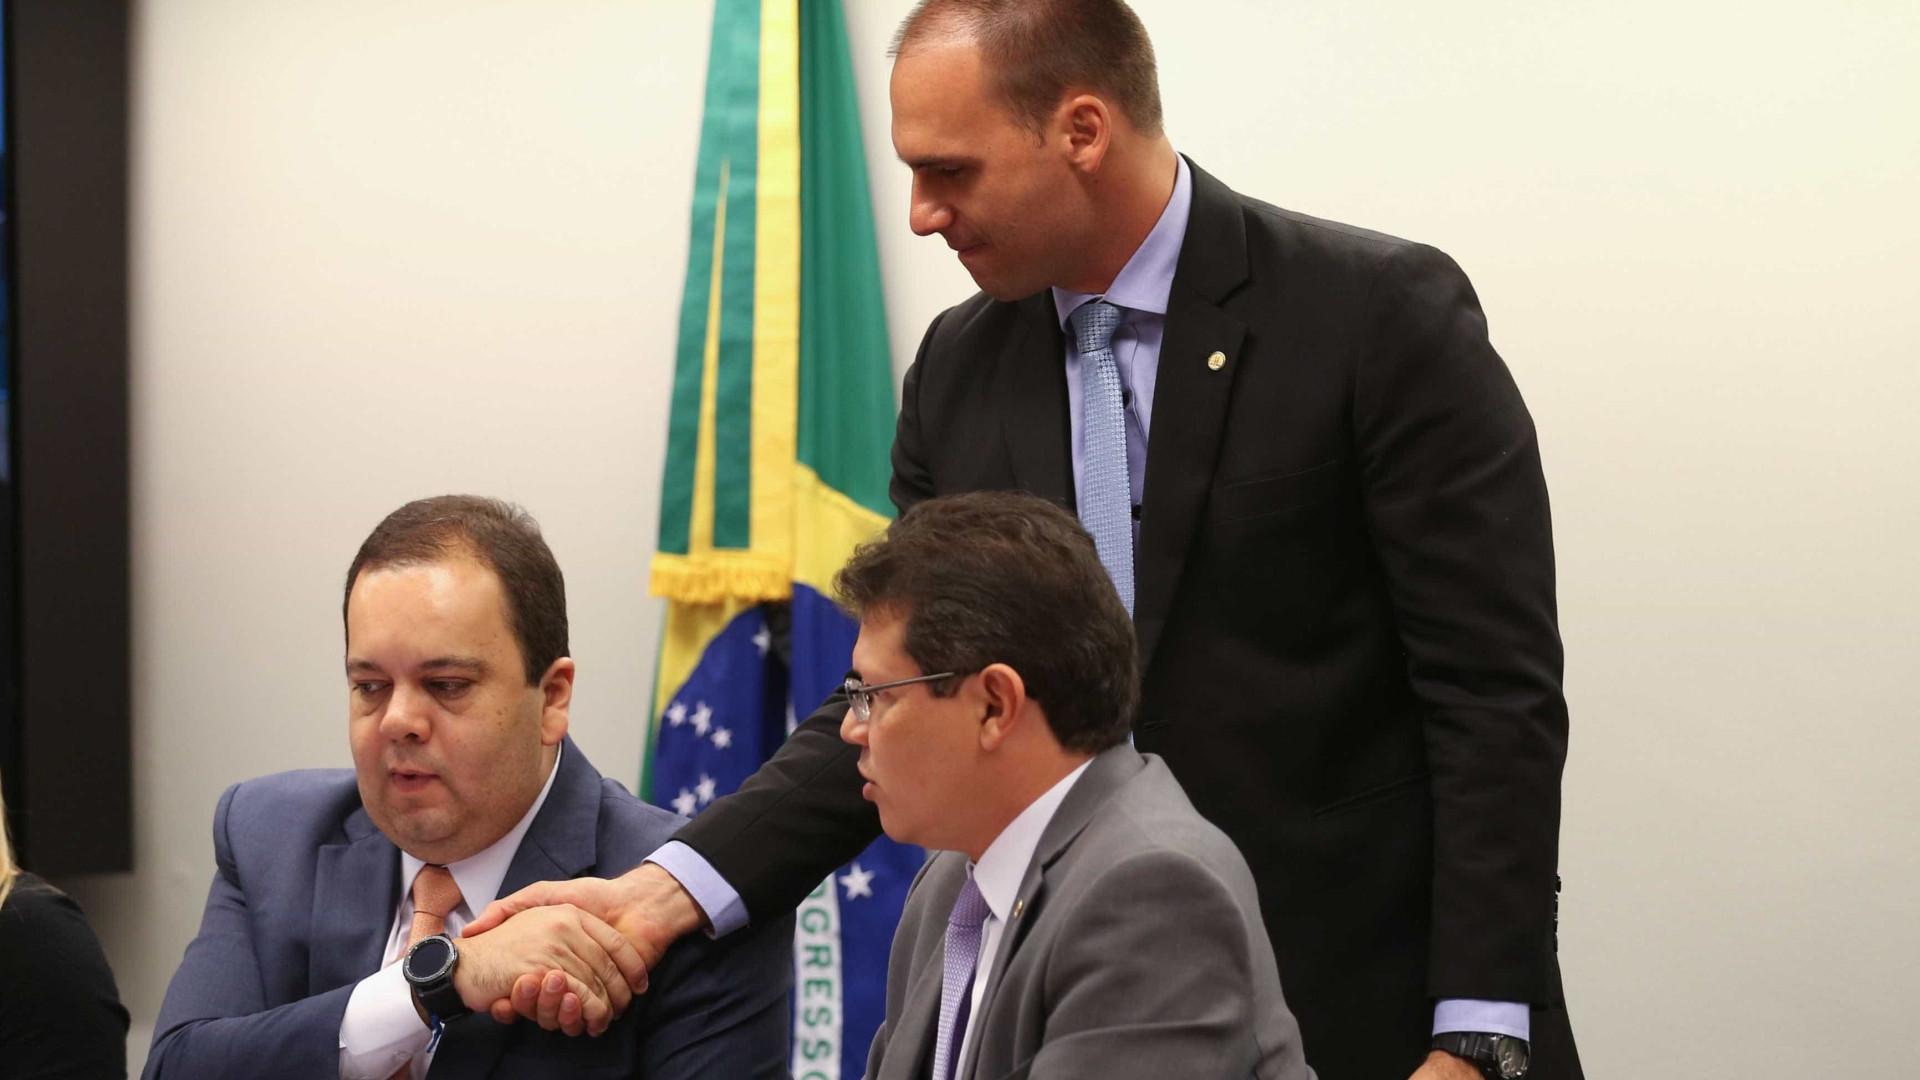 [Vídeo] Bolsonaro leva ovada de militante de esquerda e vai para delegacia